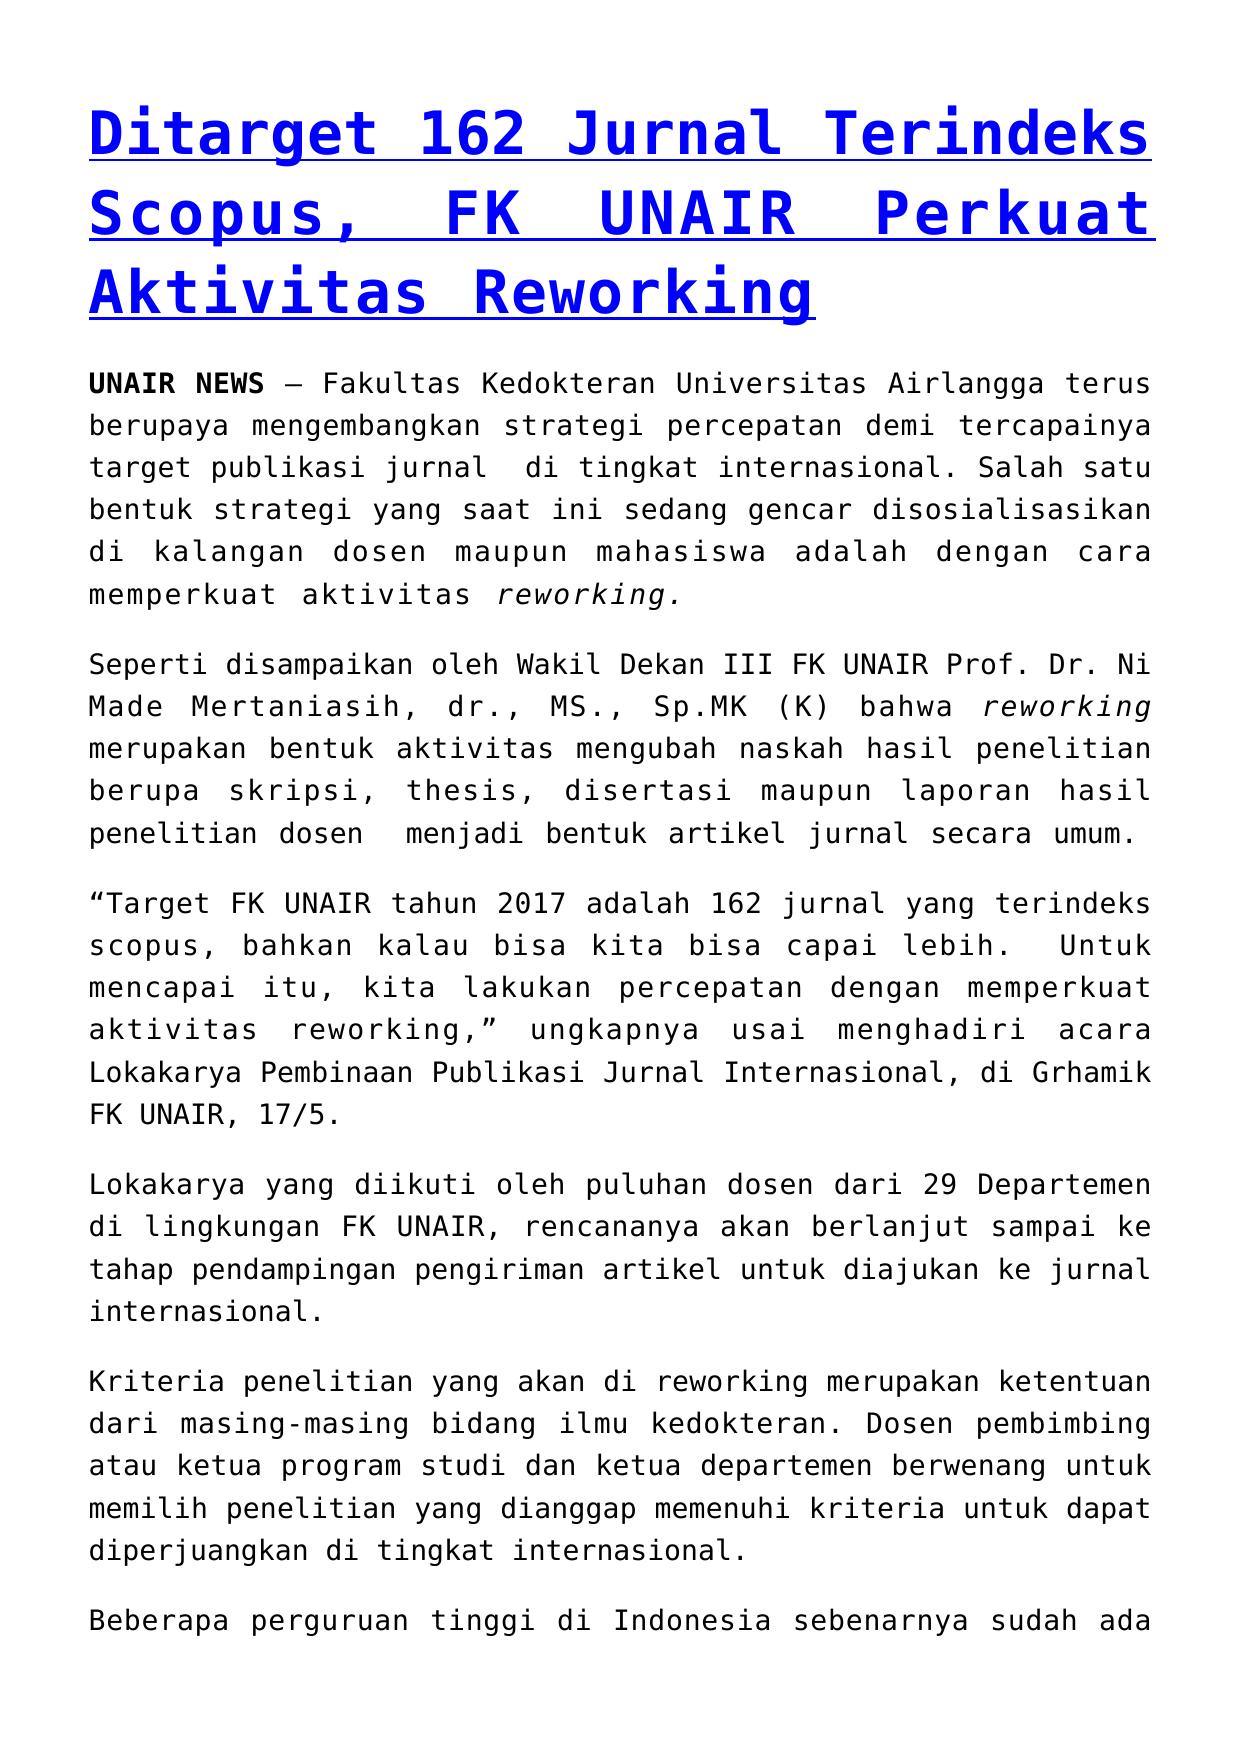 Ditarget 162 Jurnal Terindeks Scopus Fk Unair